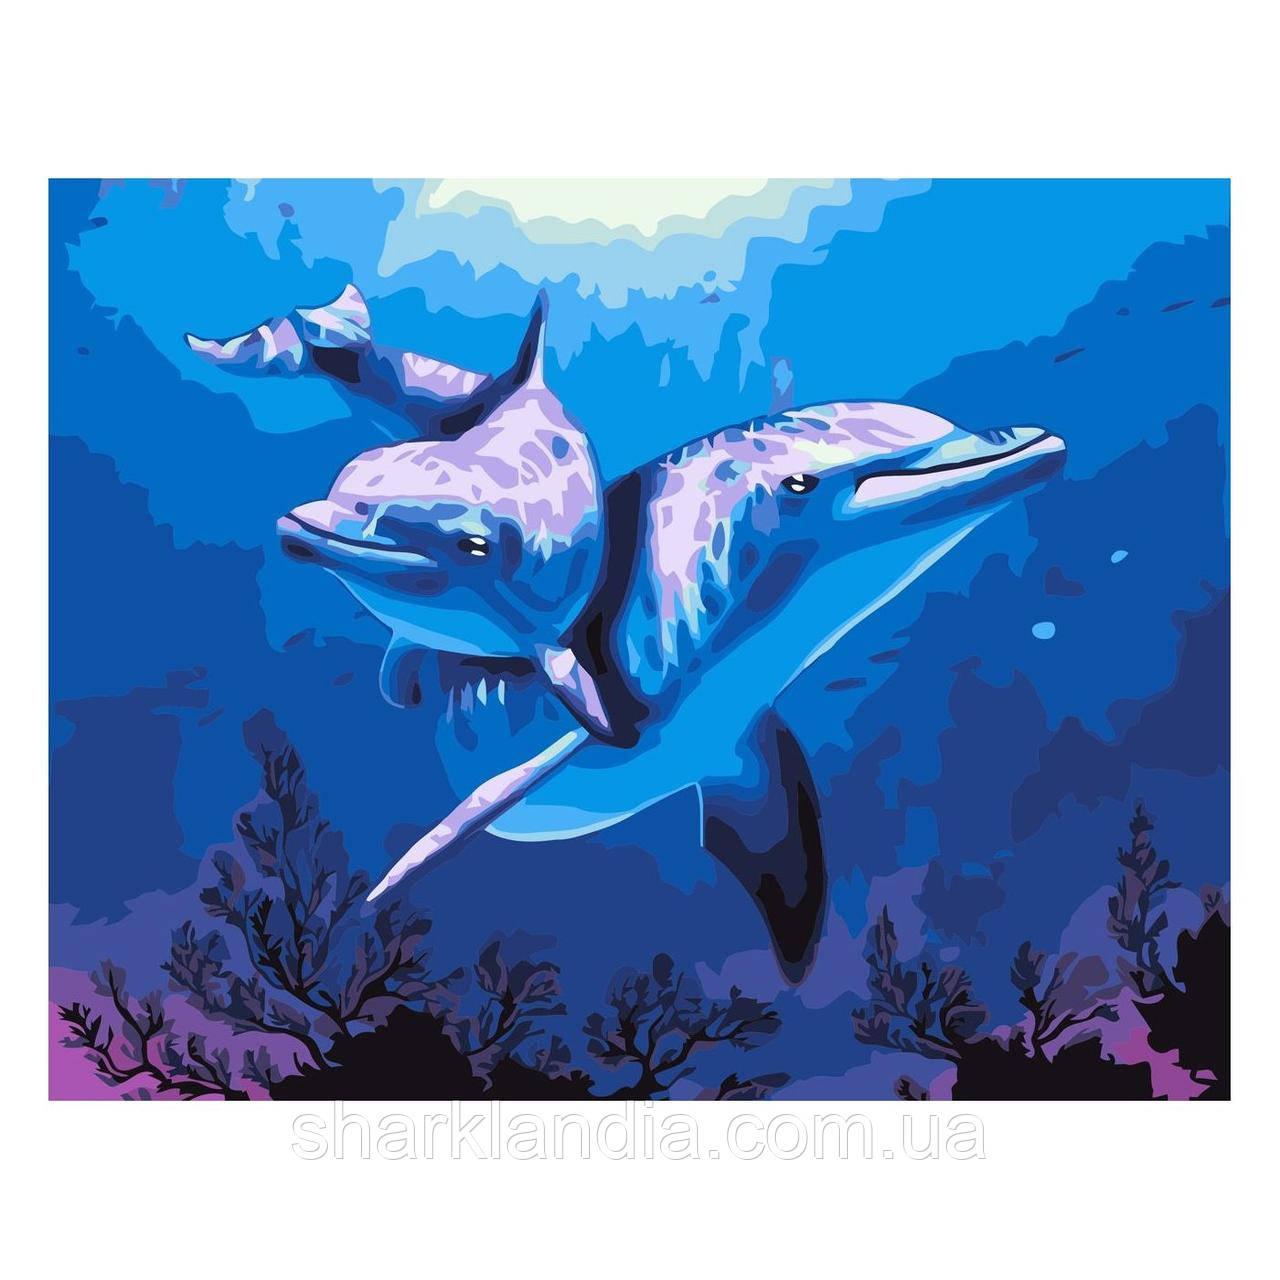 Картина за номерами Дельфіни 30х40 см Strateg Розмальовки